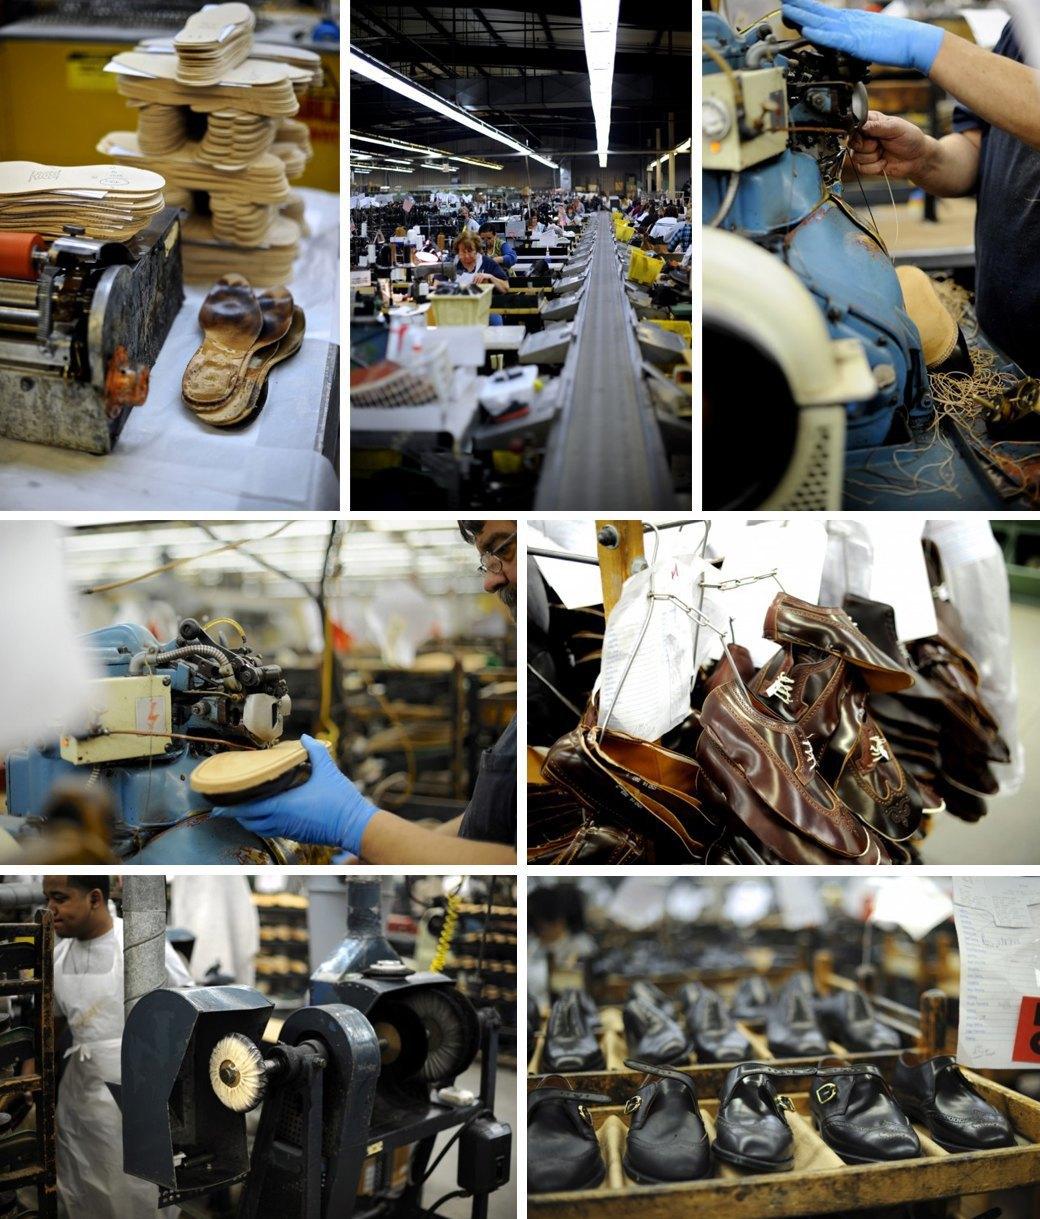 10 репортажей с фабрик одежды и обуви: Alden, Barbour и другие изнутри. Изображение № 6.